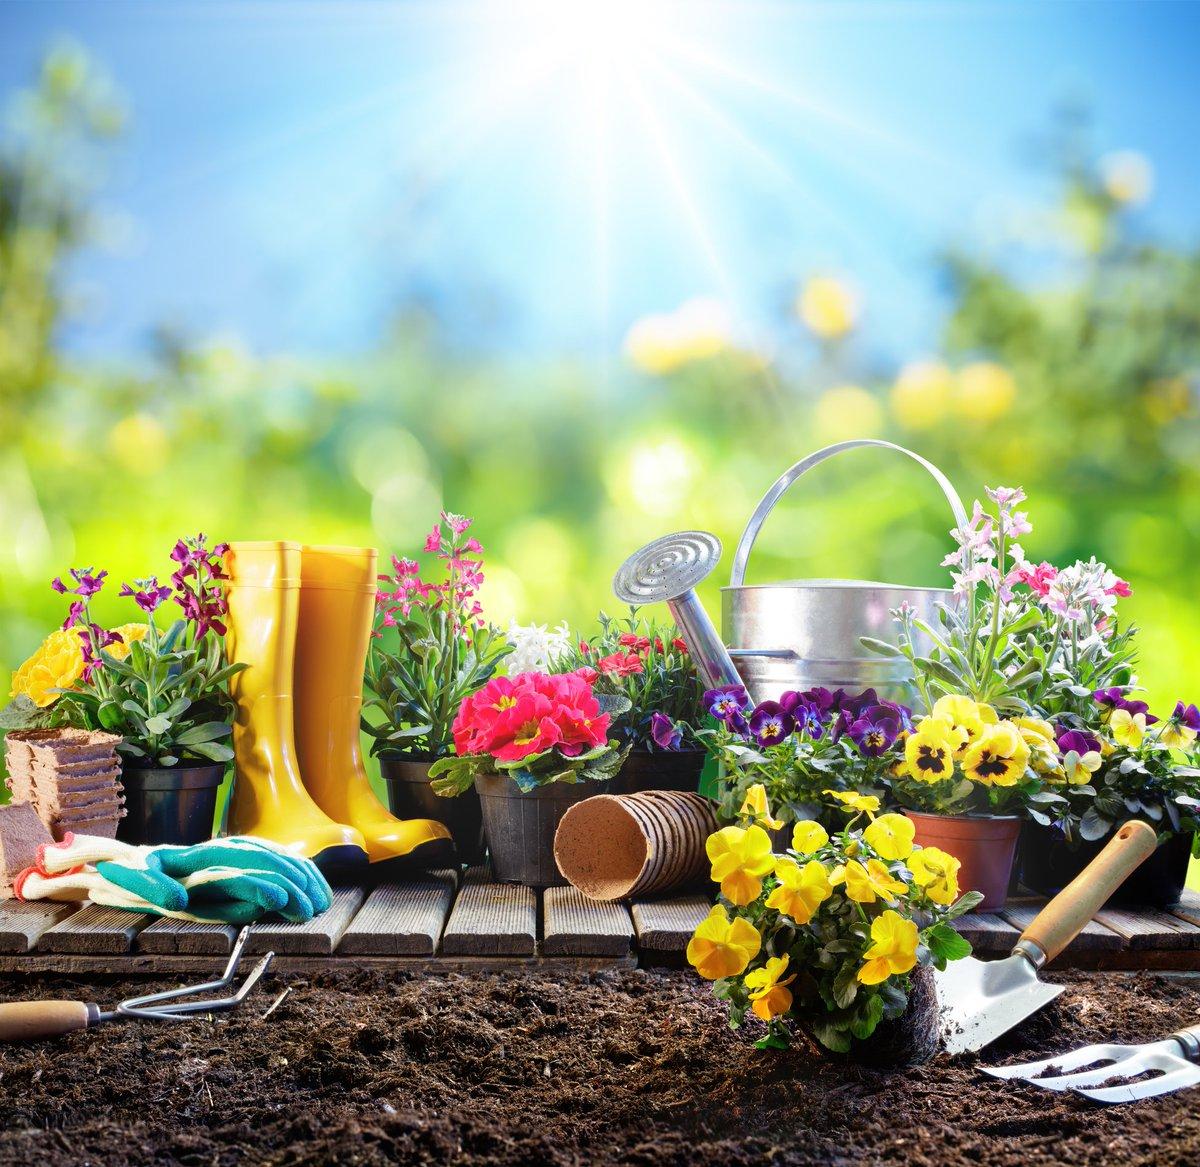 AEM - Parquización y Jardinería